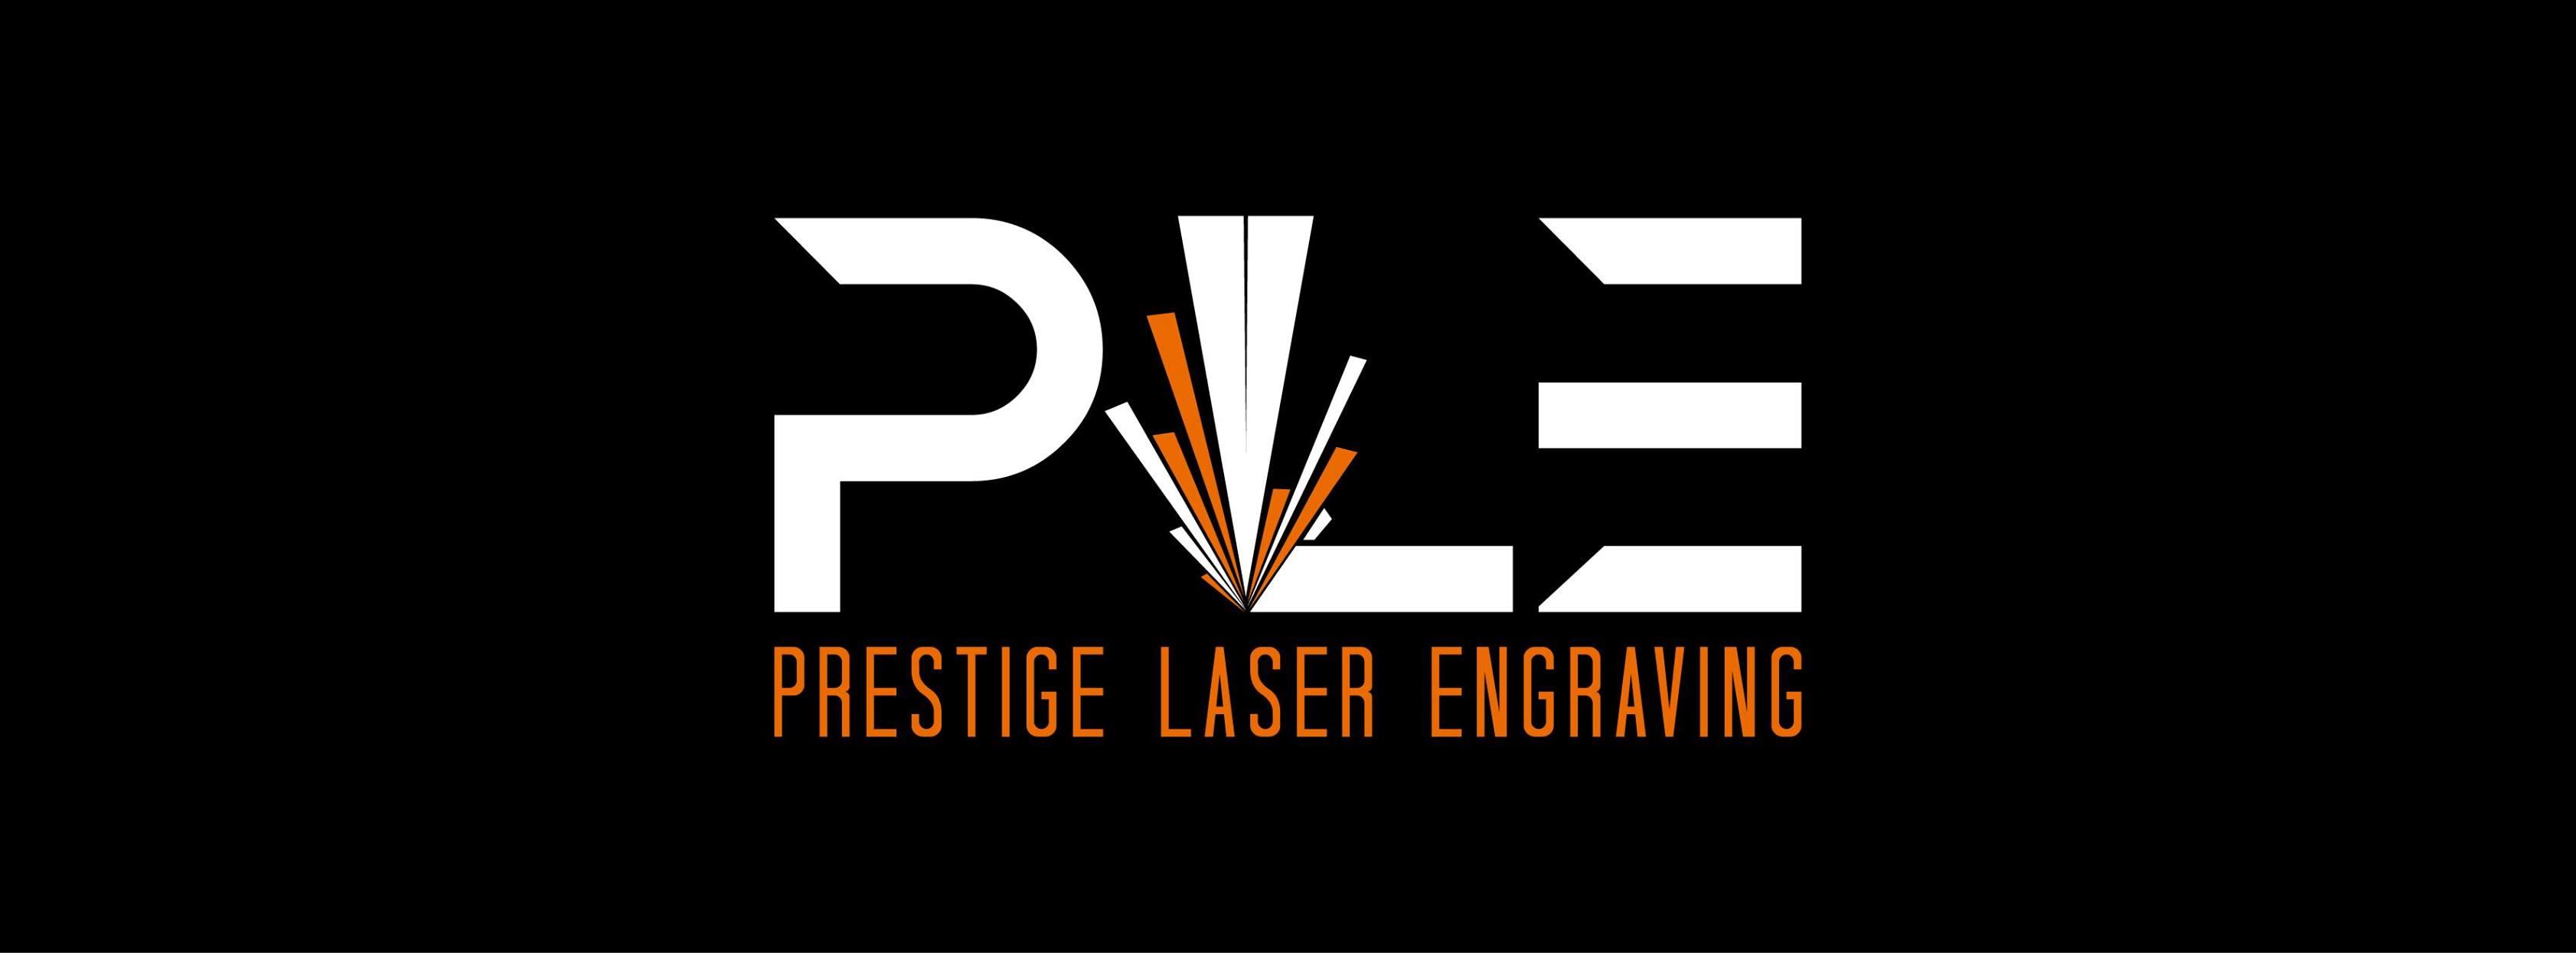 Prestige Laser Engraving